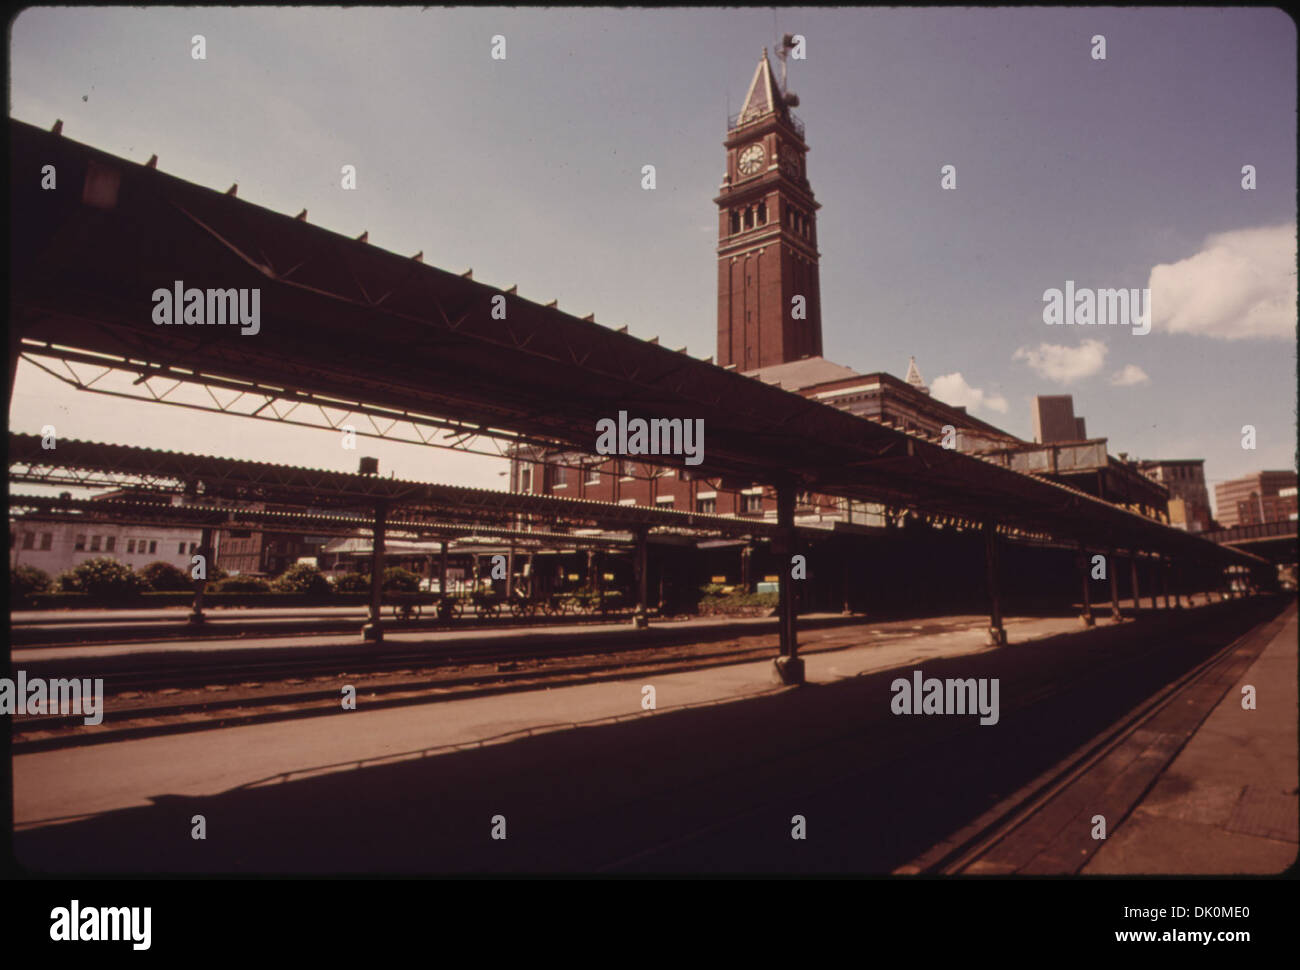 KING STREET passeggero la stazione del treno a Seattle, Washington è stato designato un punto di riferimento storico. AMTRAK E'... 556125 Immagini Stock